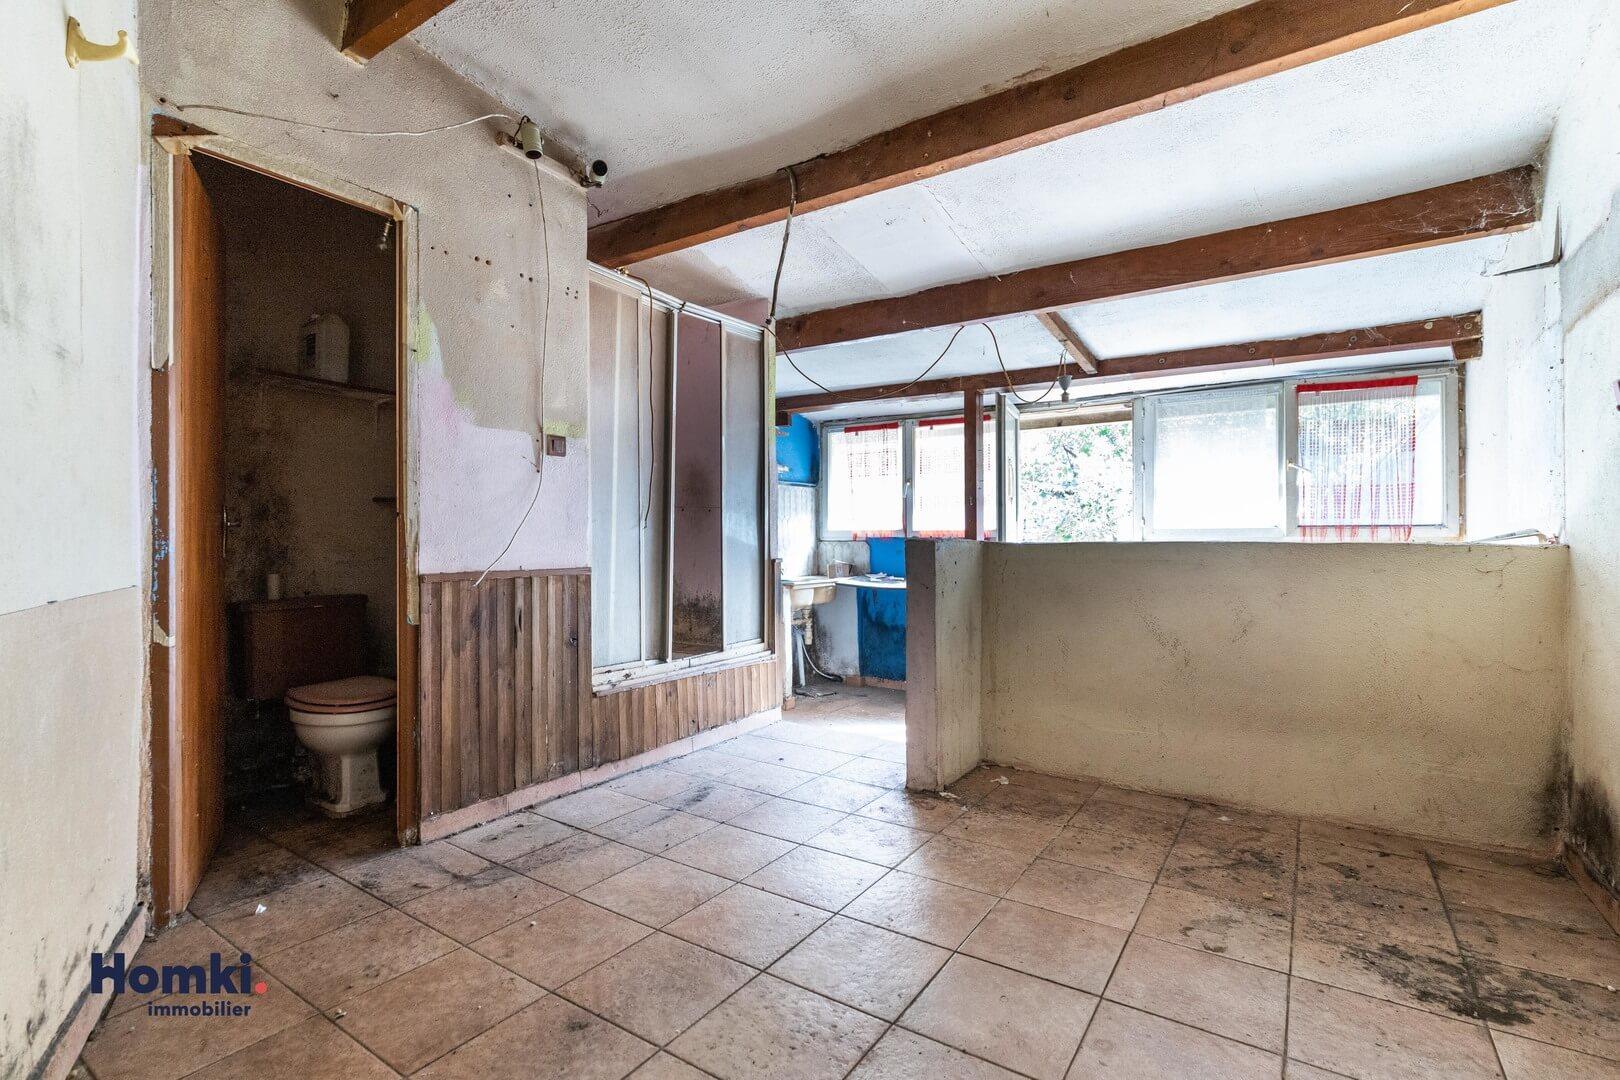 Vente maison 75m² T4 84200_6